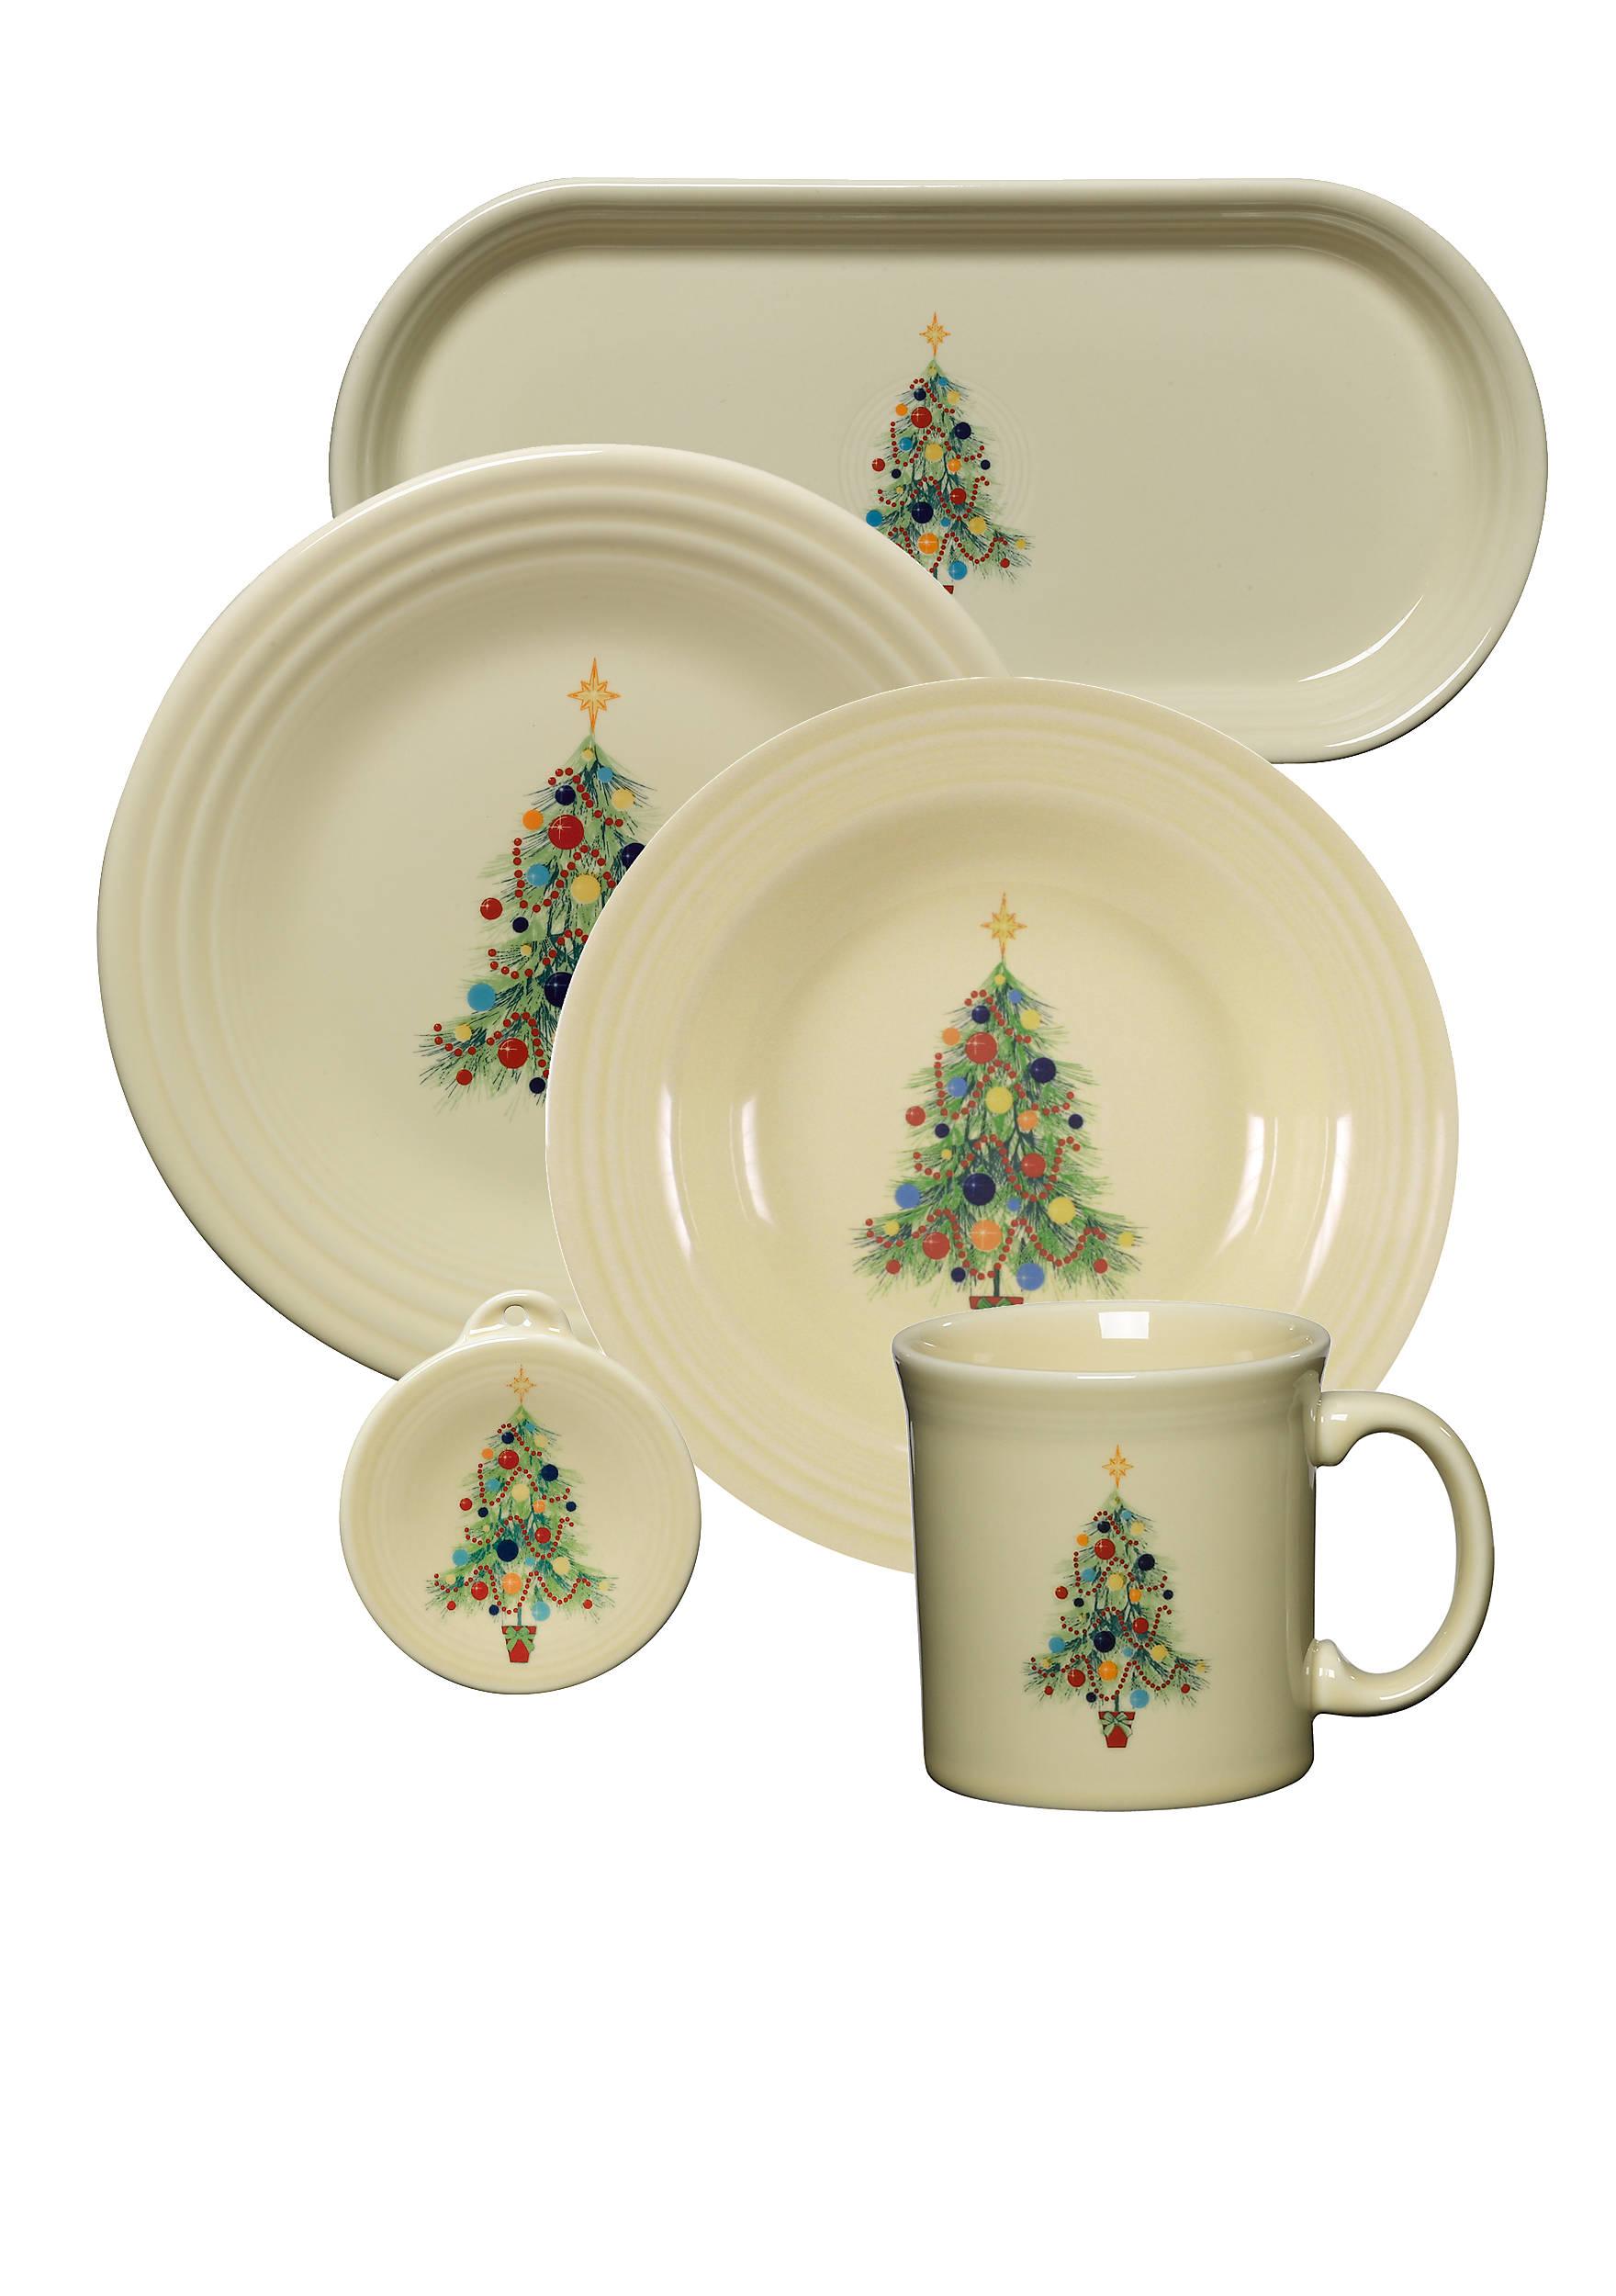 Fiesta® Christmas Tree Belk - Fiesta Christmas Tree Dinnerware